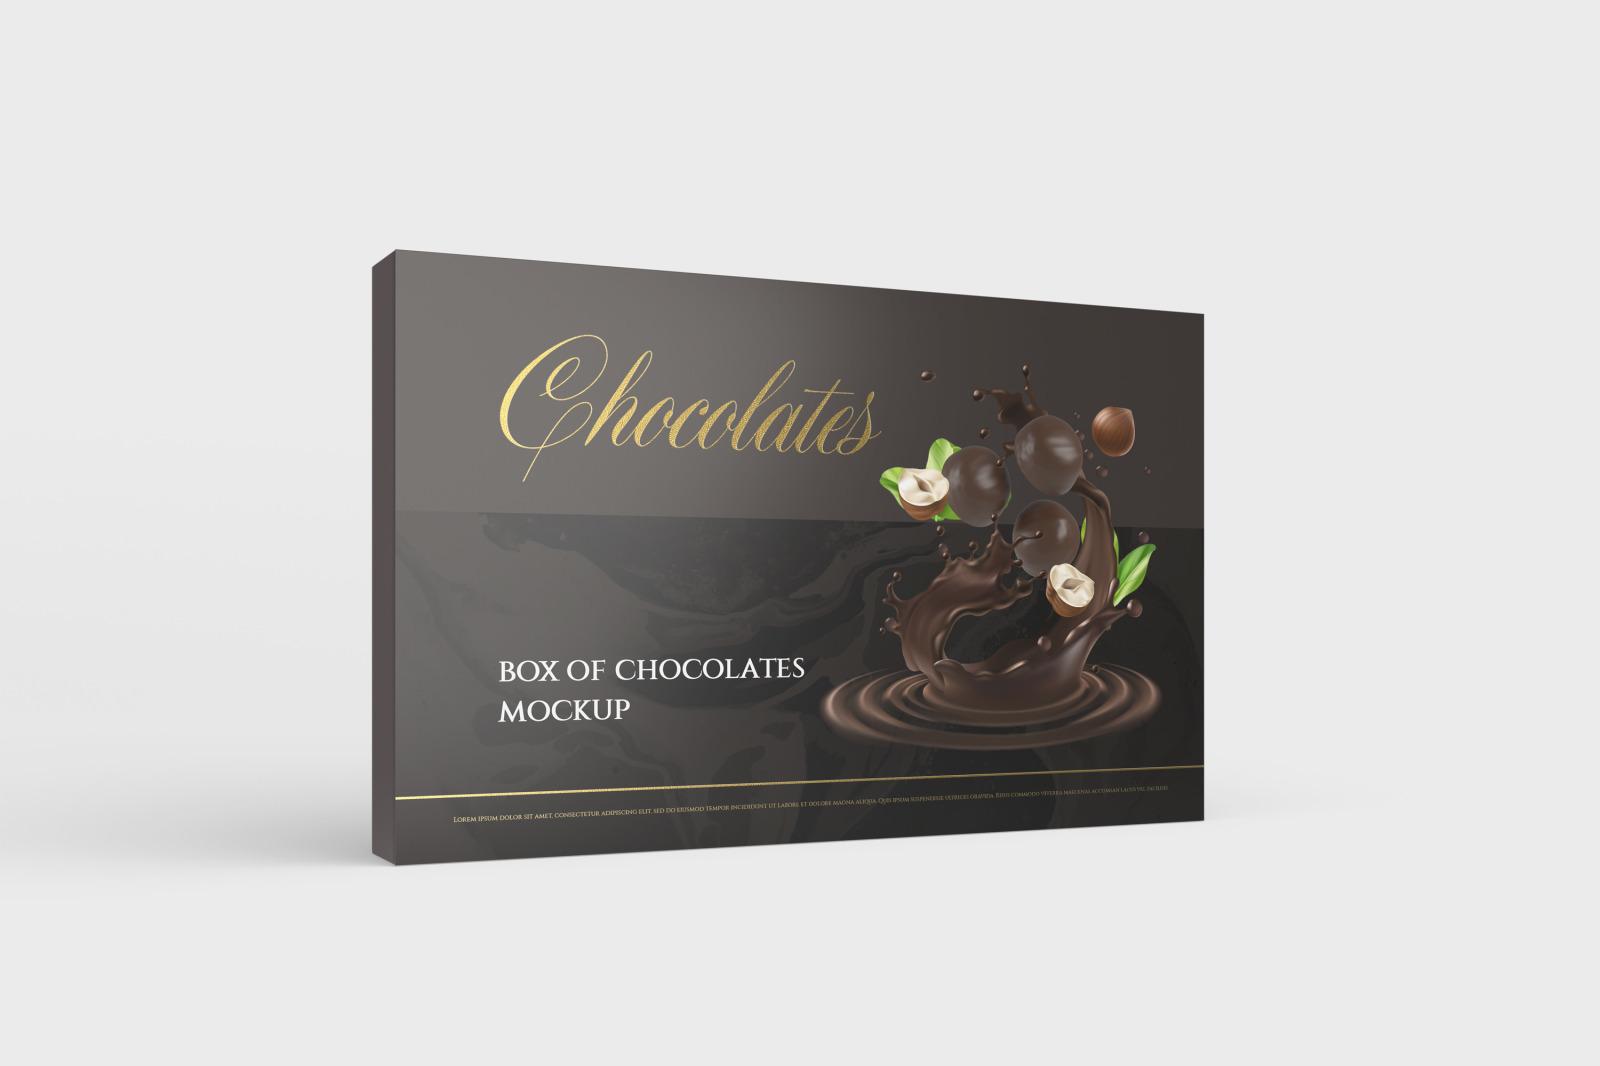 7款金箔效果巧克力包装纸盒设计展示样机 Box Of Chocolates Mockup插图(2)